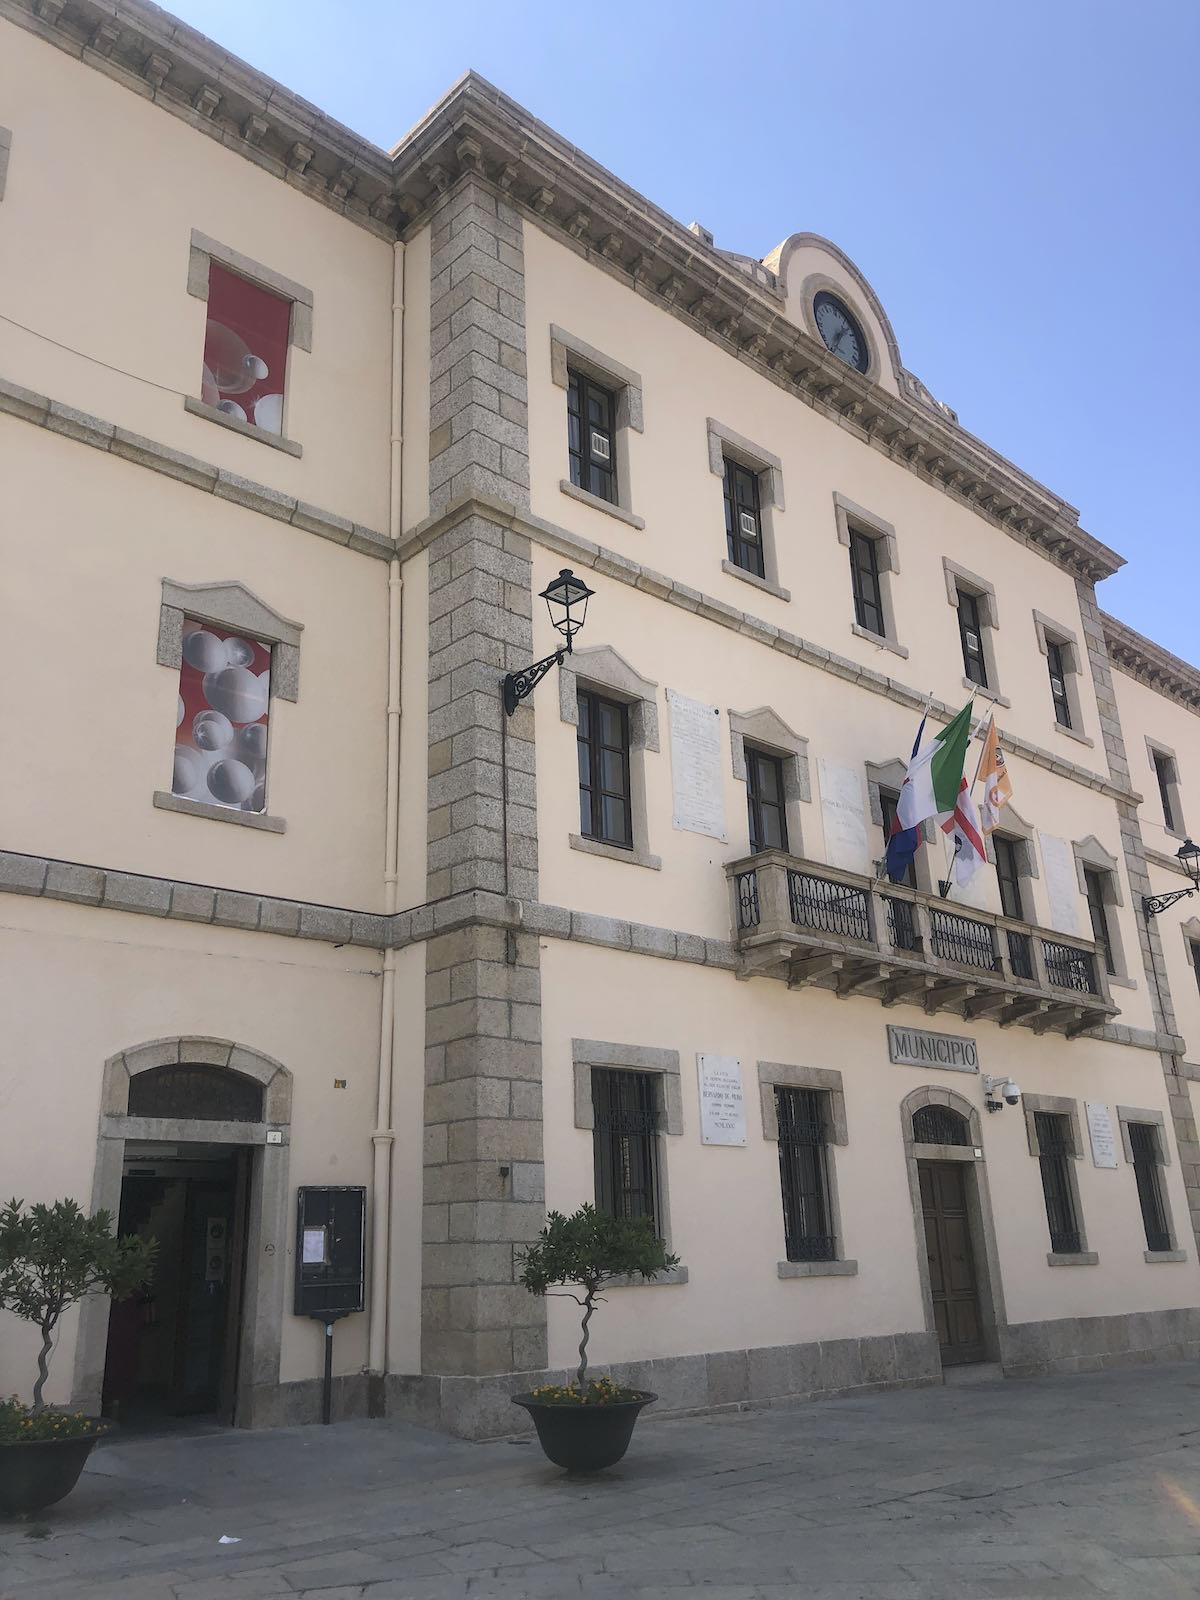 Sardinia2020_IMG_4143